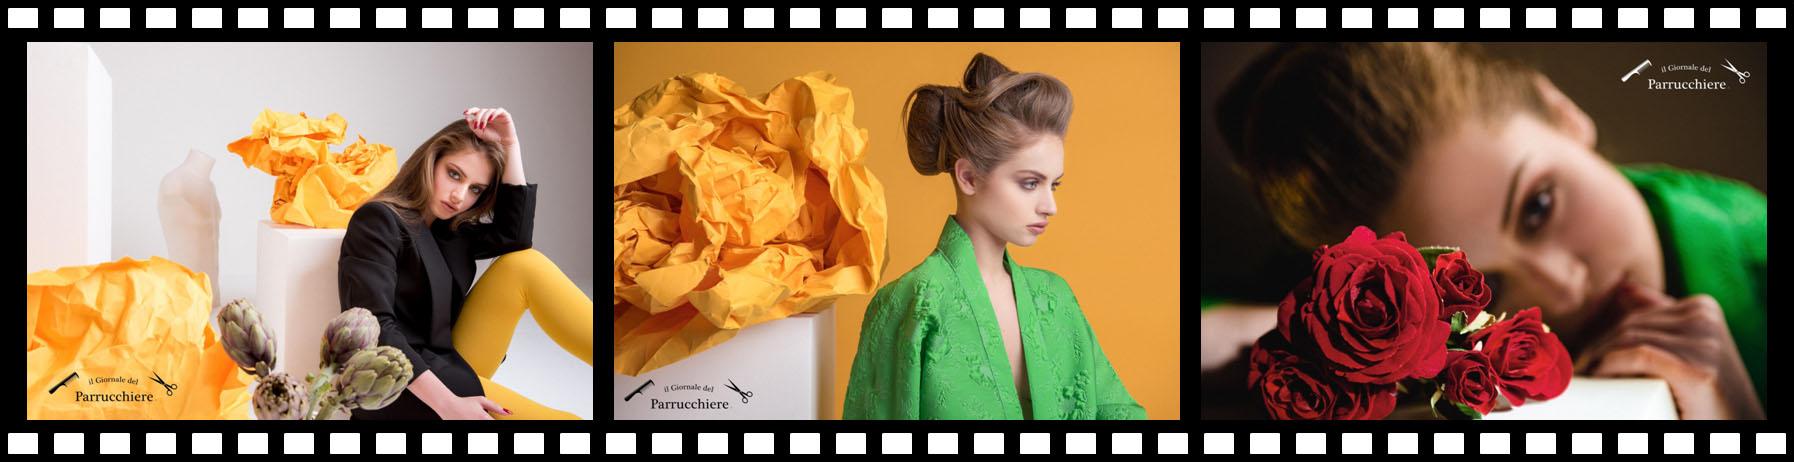 8 Marzo - Festa della Donna il Giornale del Parrucchiere, Gioele de Liso, Mariana Ranieri, Erika Epifania, Fabio Ingegno, Mariagrazia Fedele modella